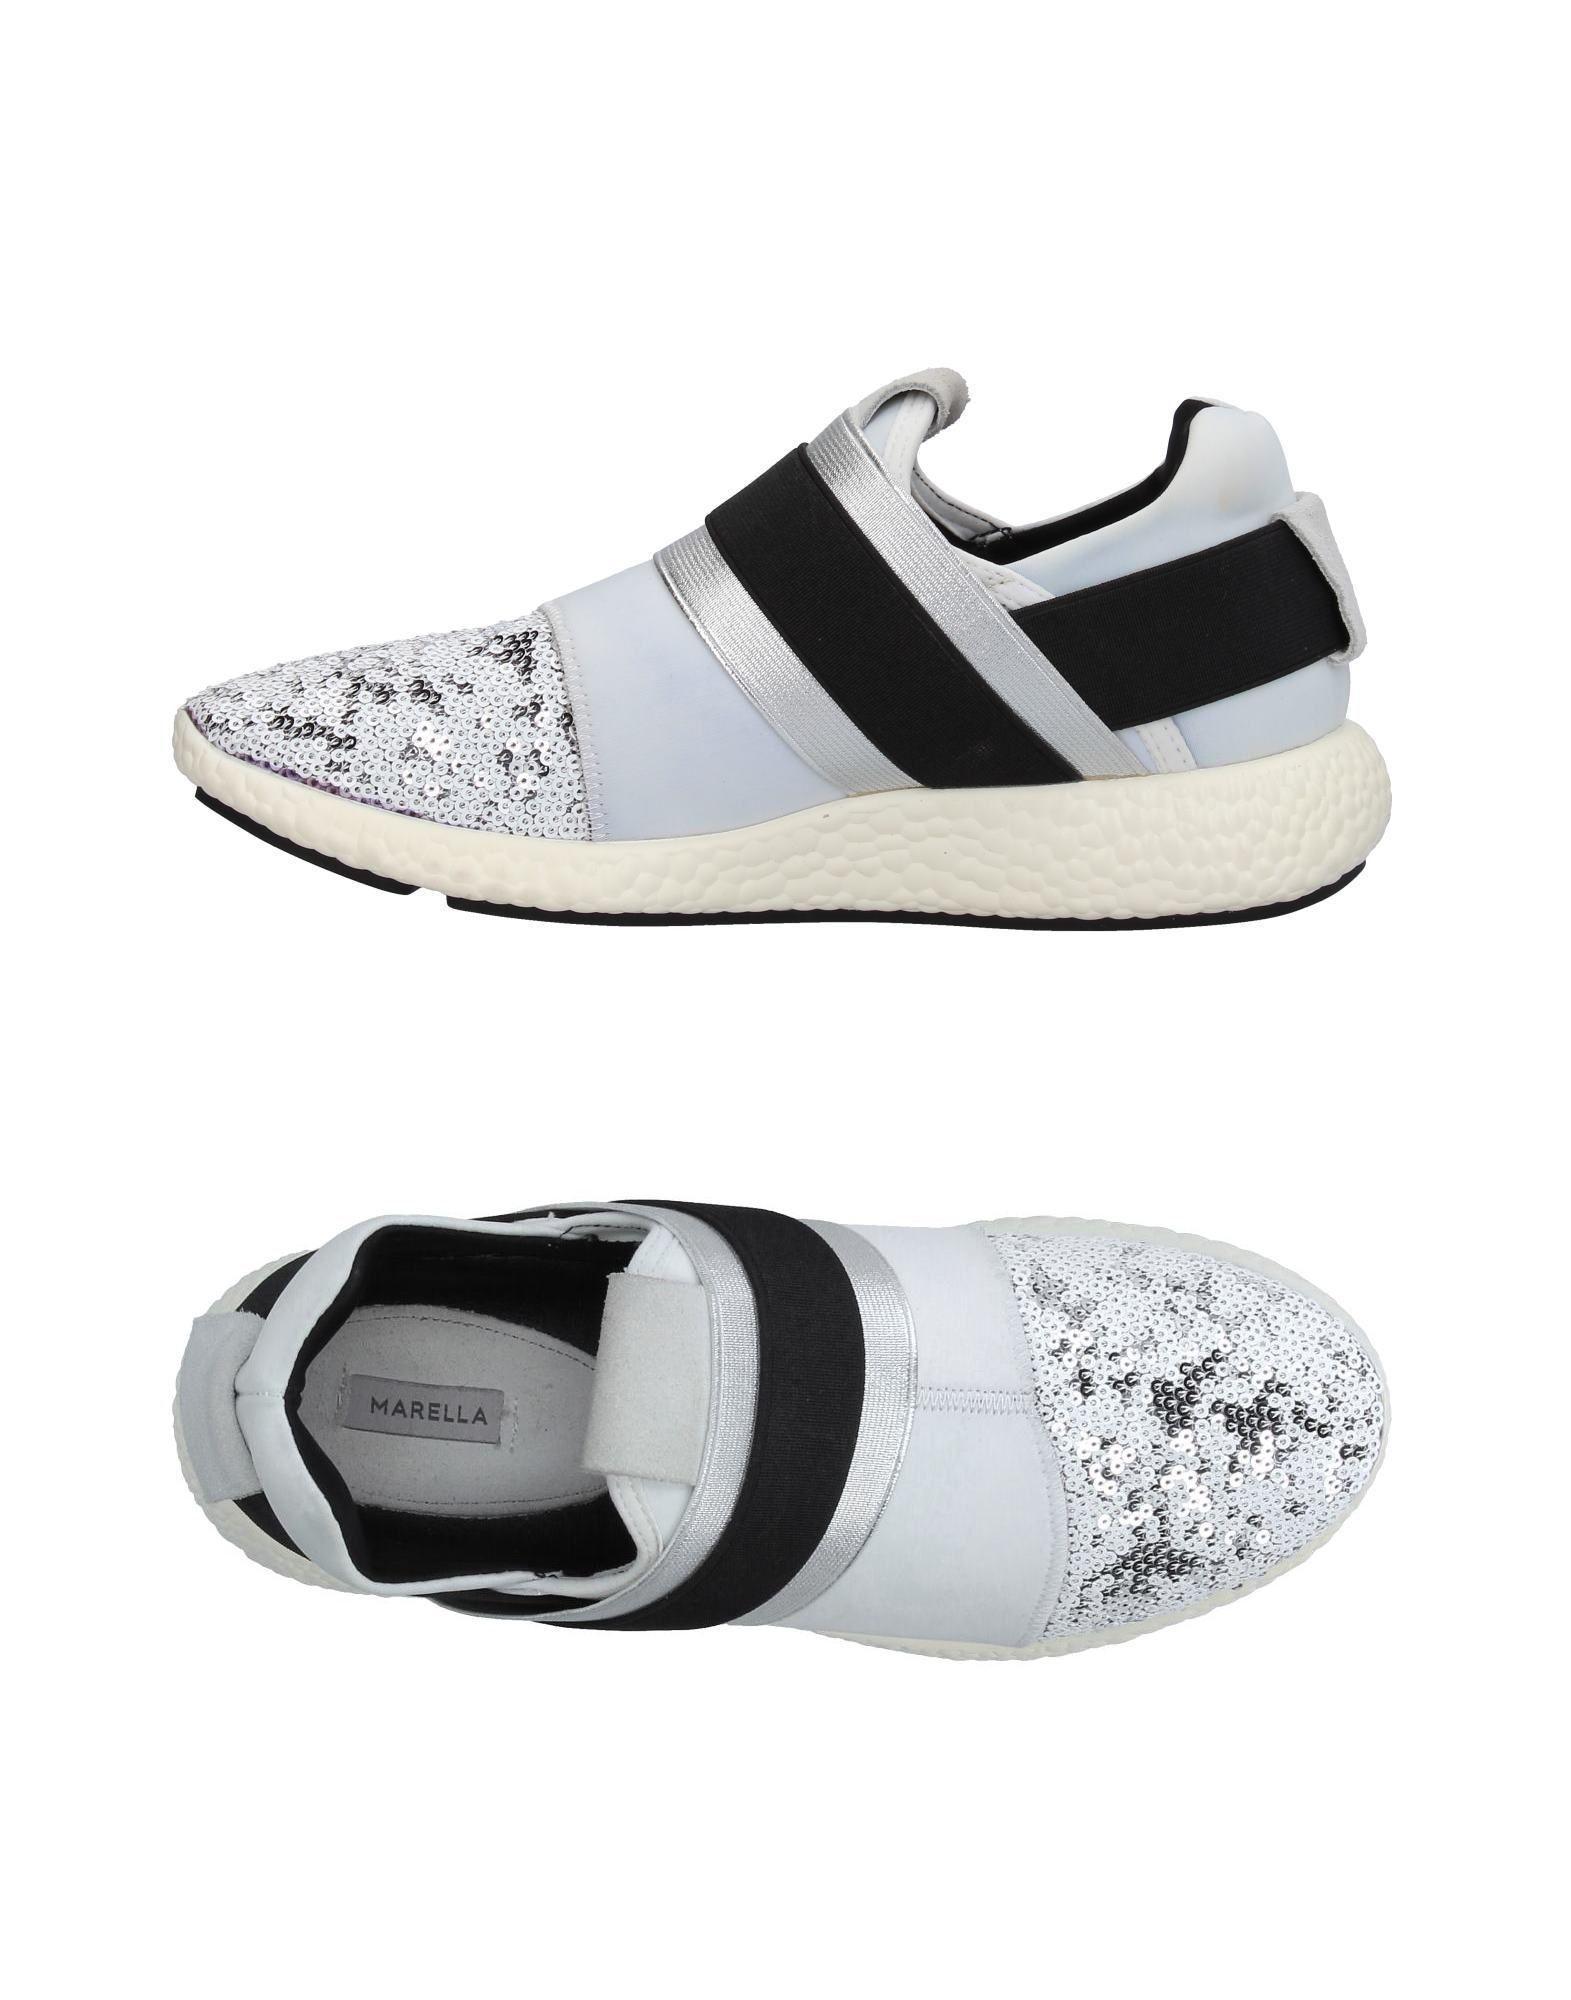 FOOTWEAR - Low-tops & sneakers on YOOX.COM Marella c6j7rFo